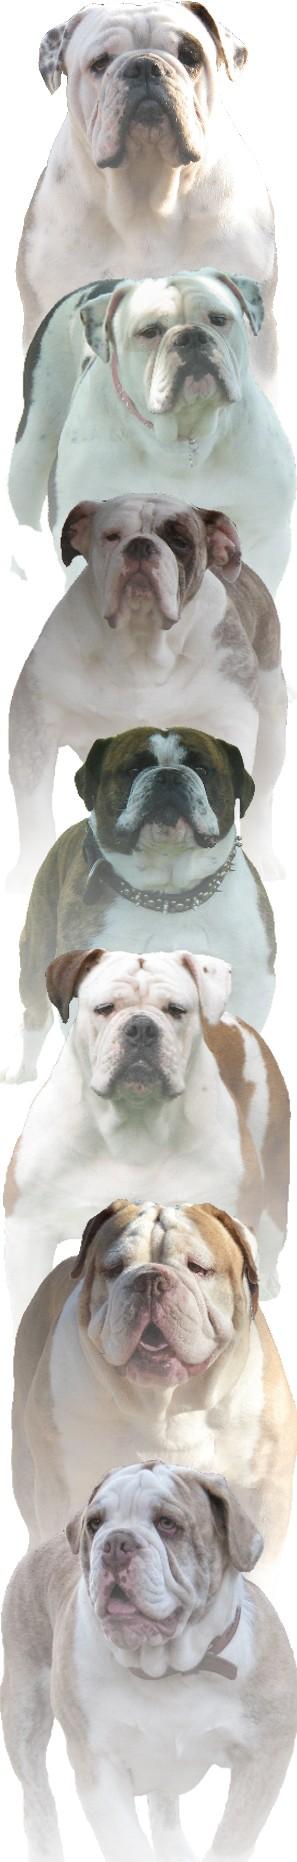 Olde English Bulldogge Breeders | Olde English Bulldogge